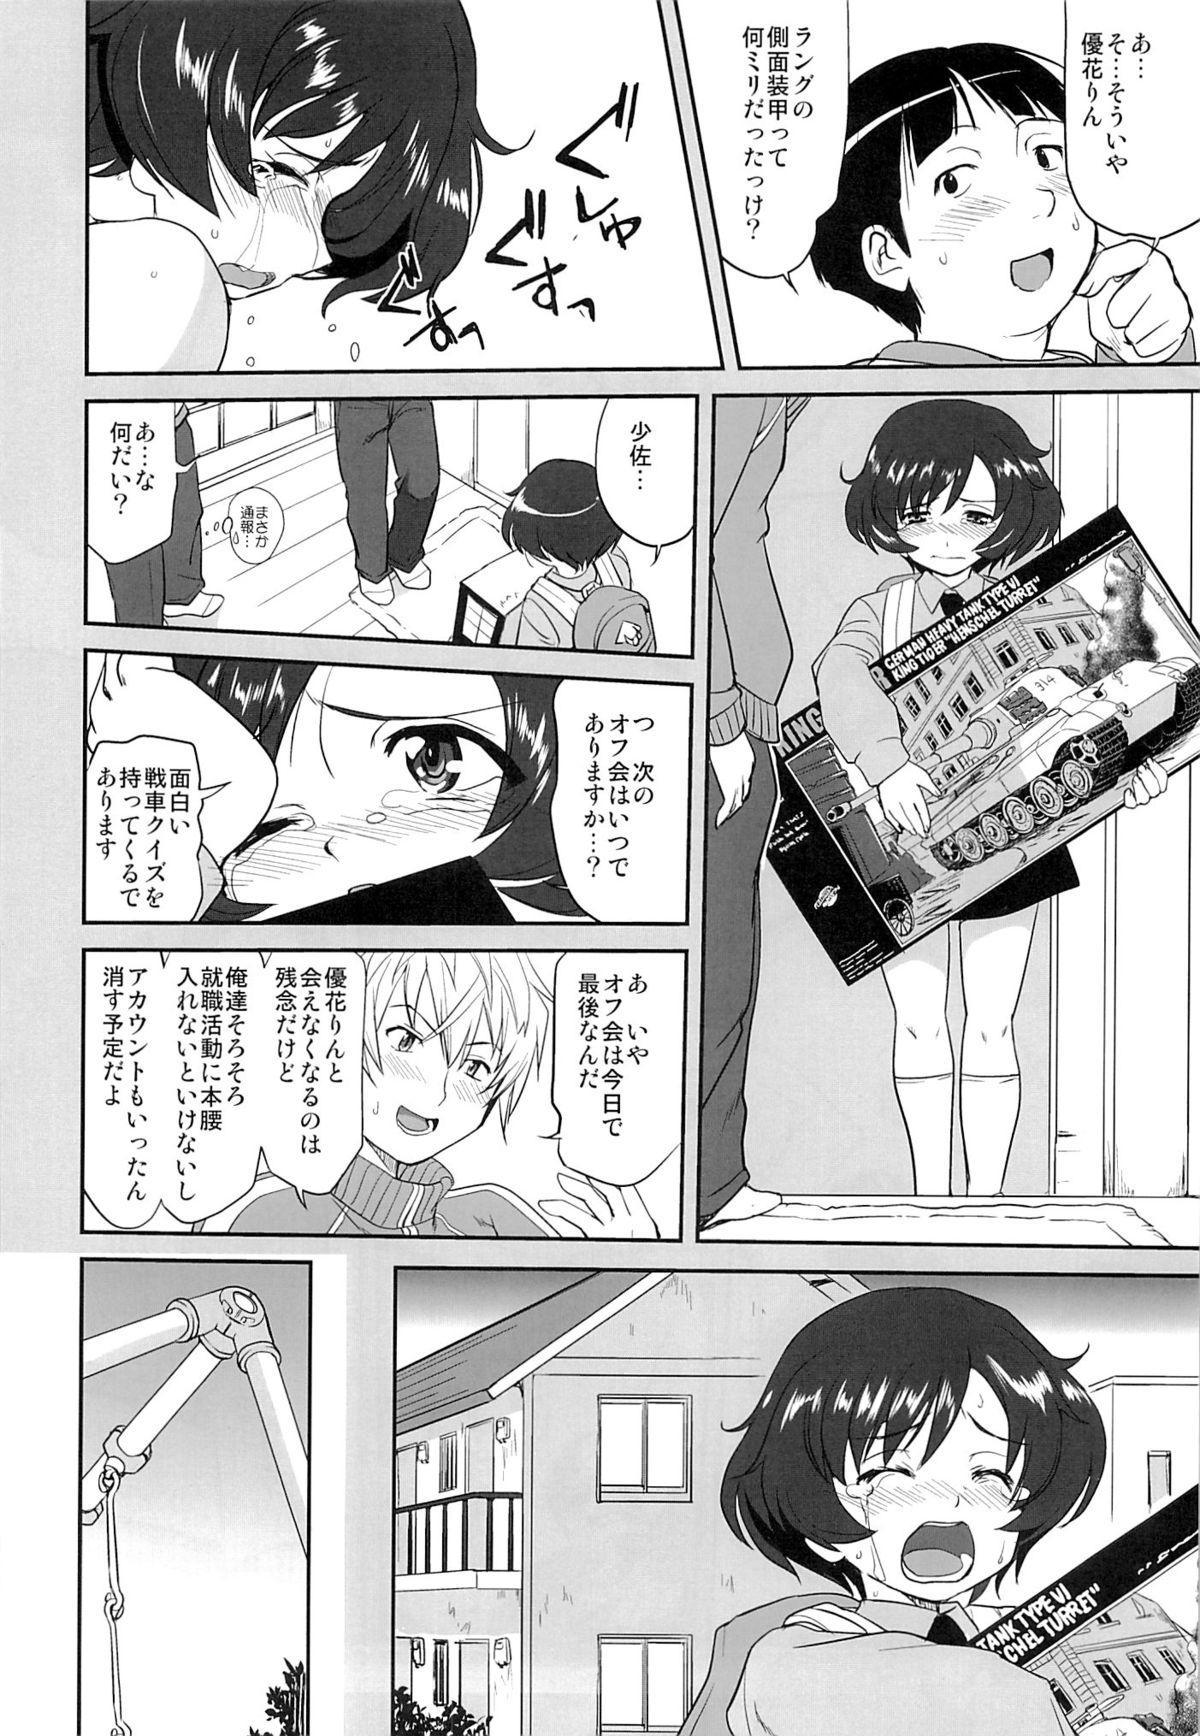 Yukiyukite Senshadou 22